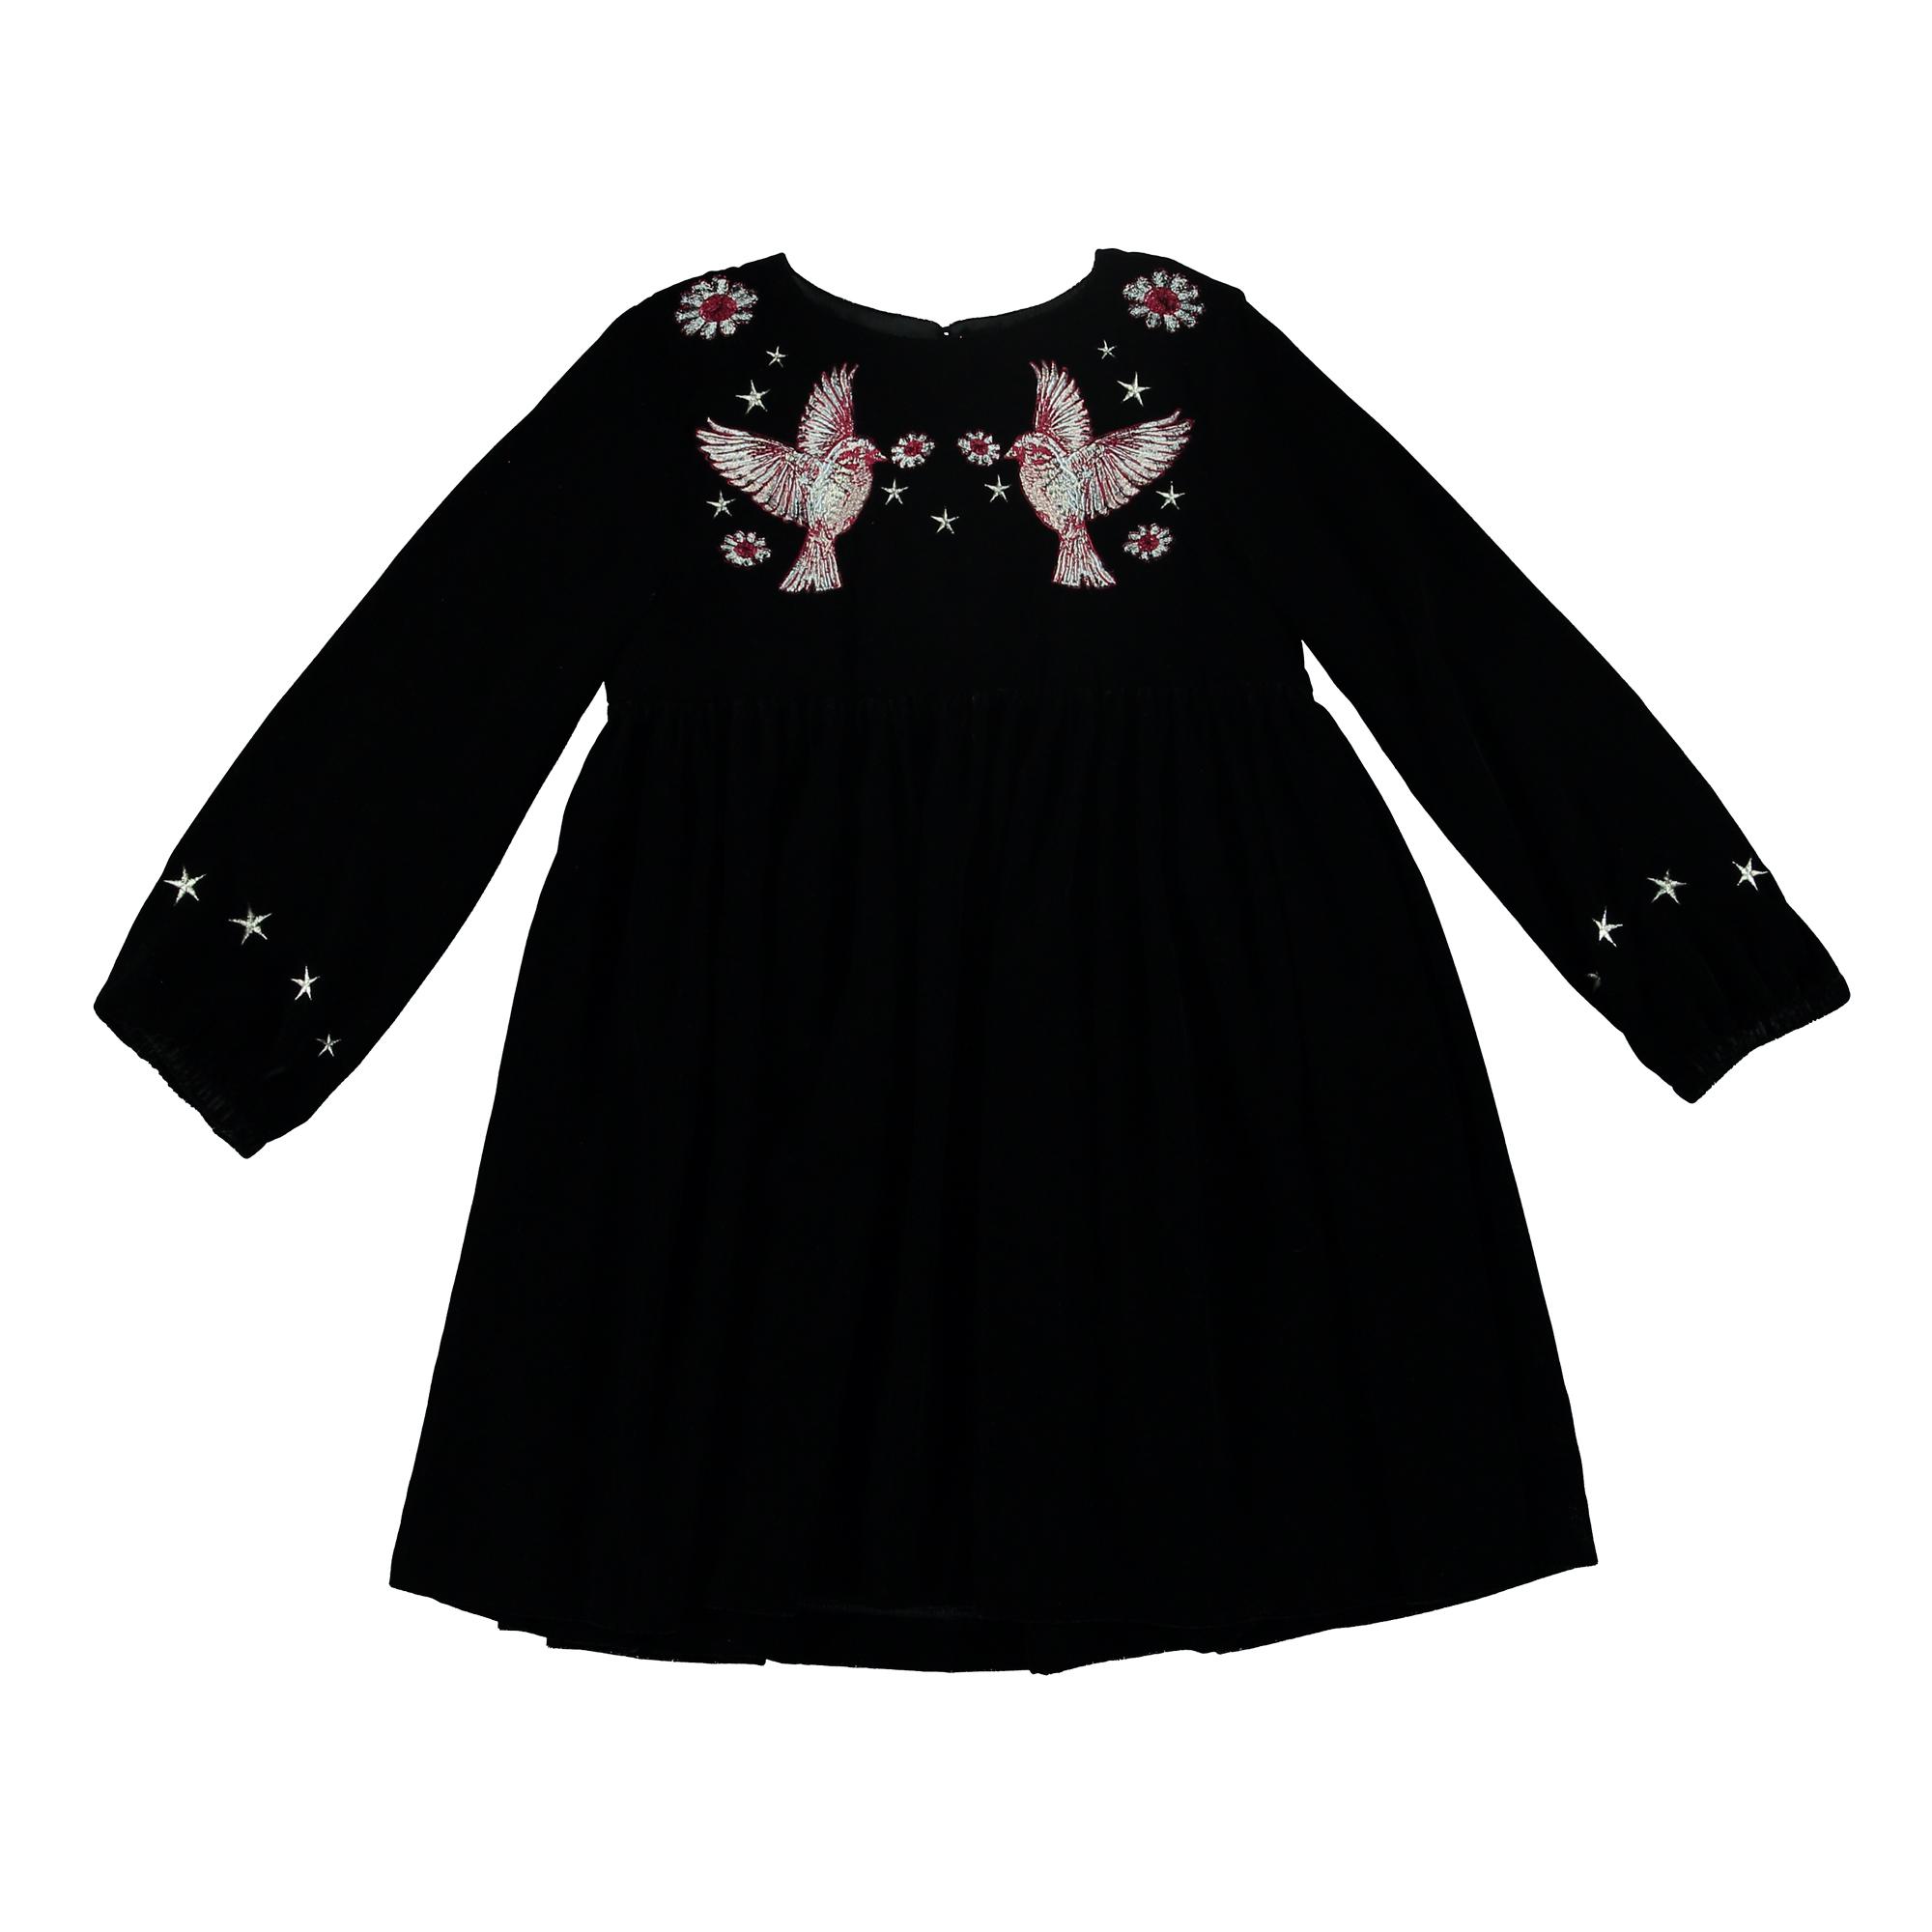 Schwarz Blaues Kleid Original